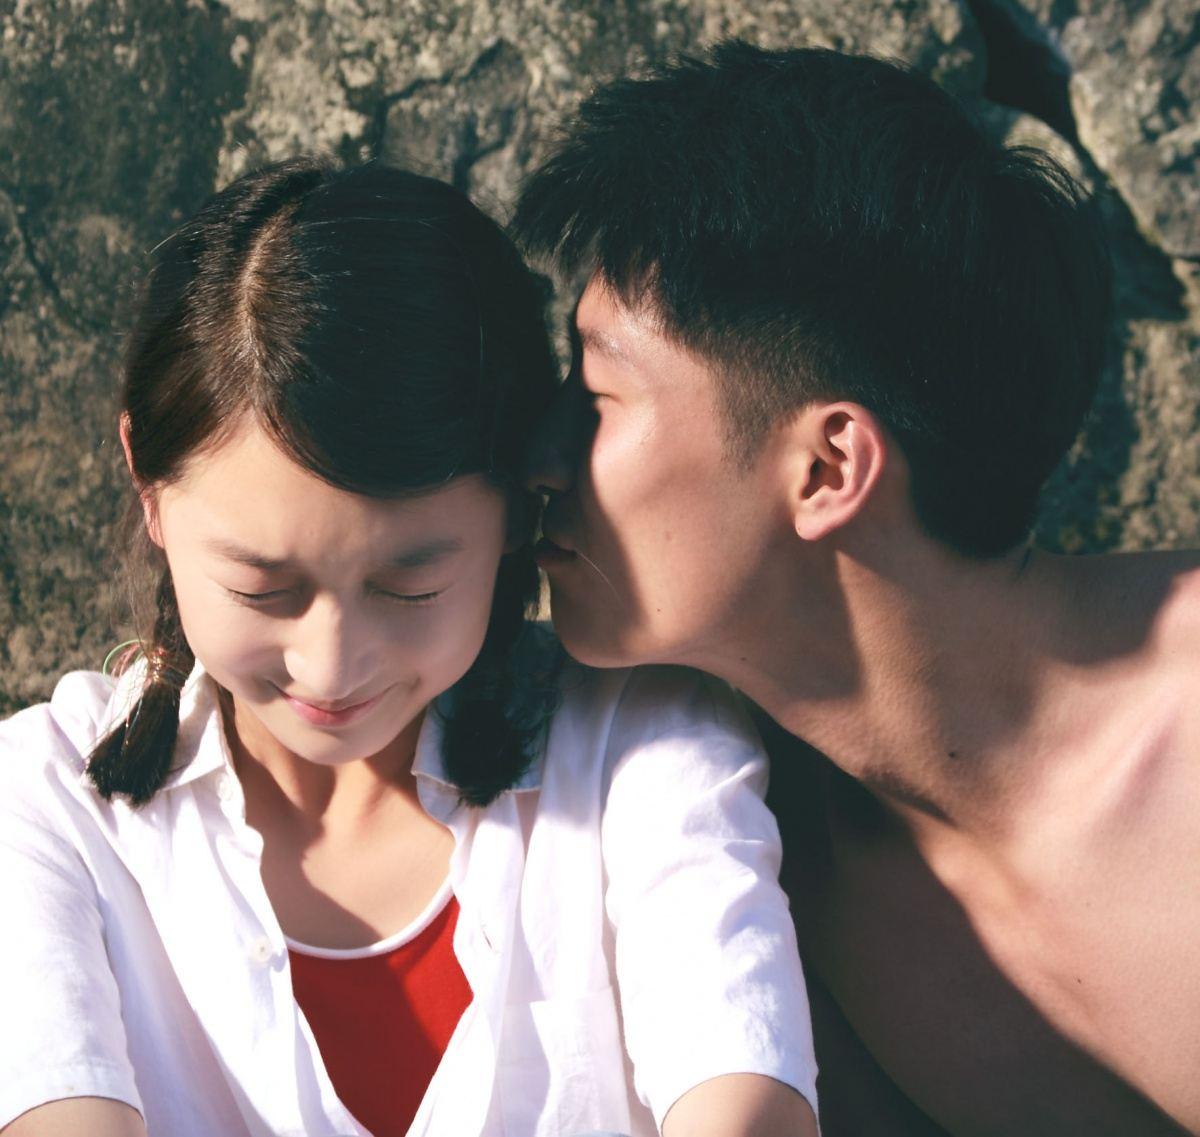 кадры из фильма Под ветвями боярышника Дунюй Чжоу, Шон Доу,